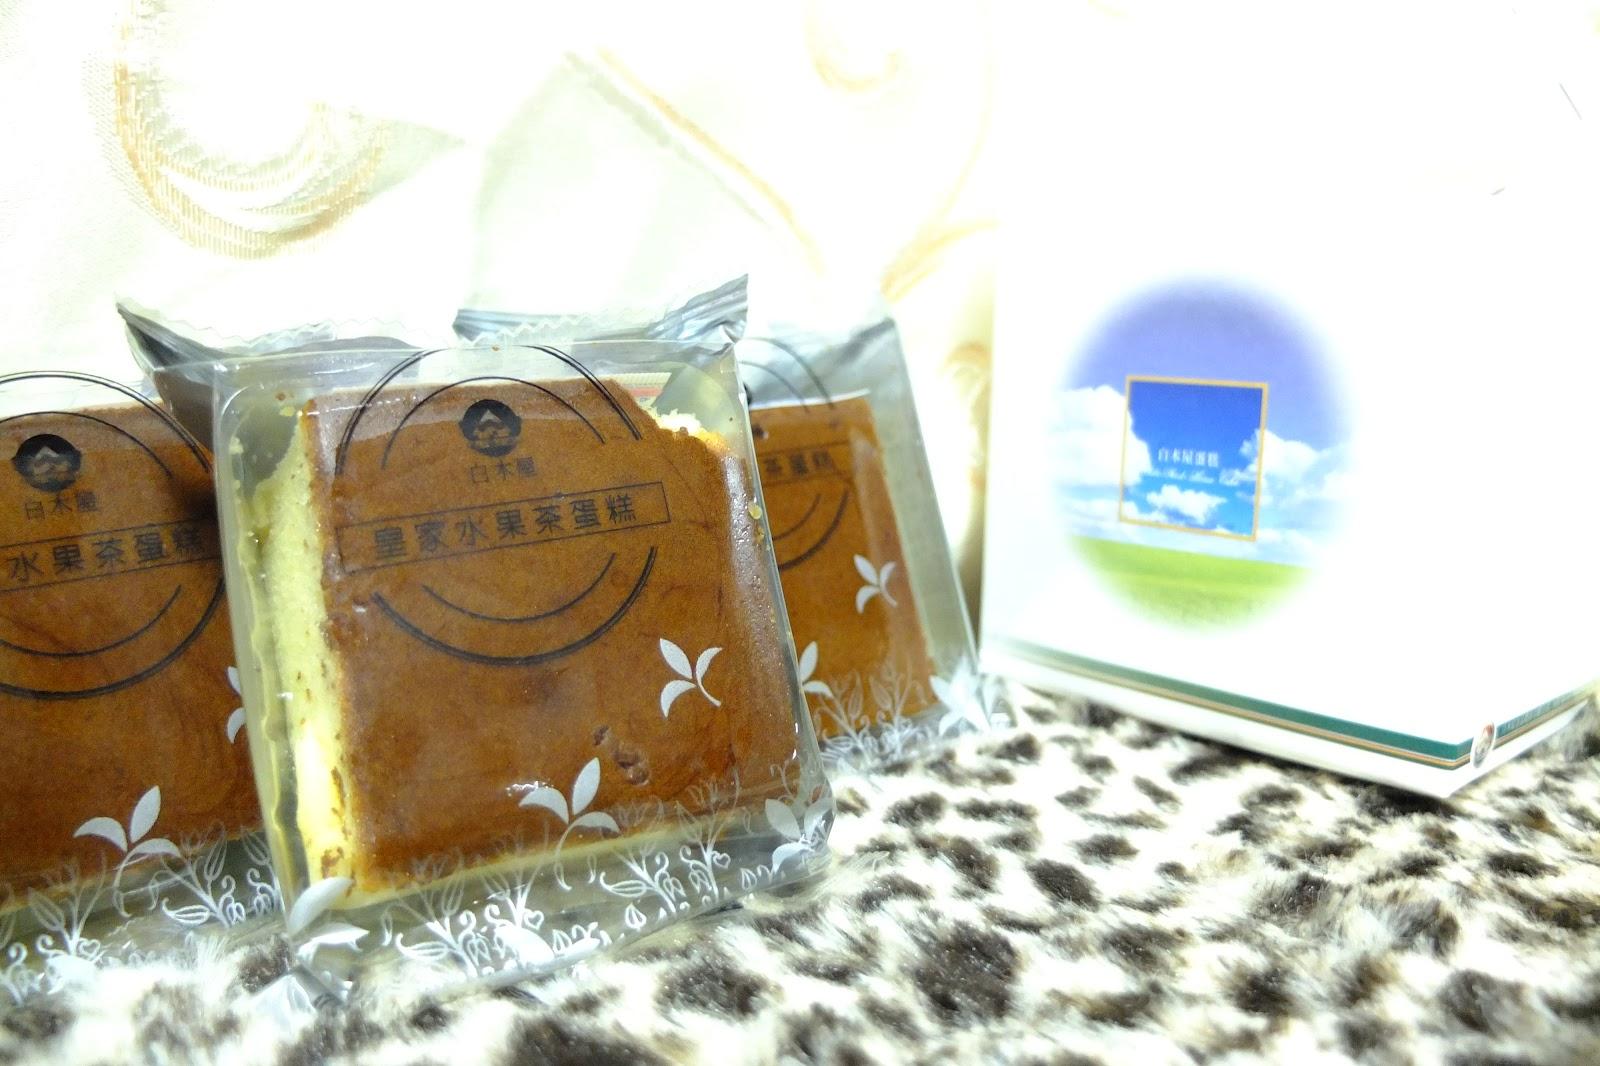 自然系兒童寫真: 彌月蛋糕試吃 臺北/新竹/臺中/宅配